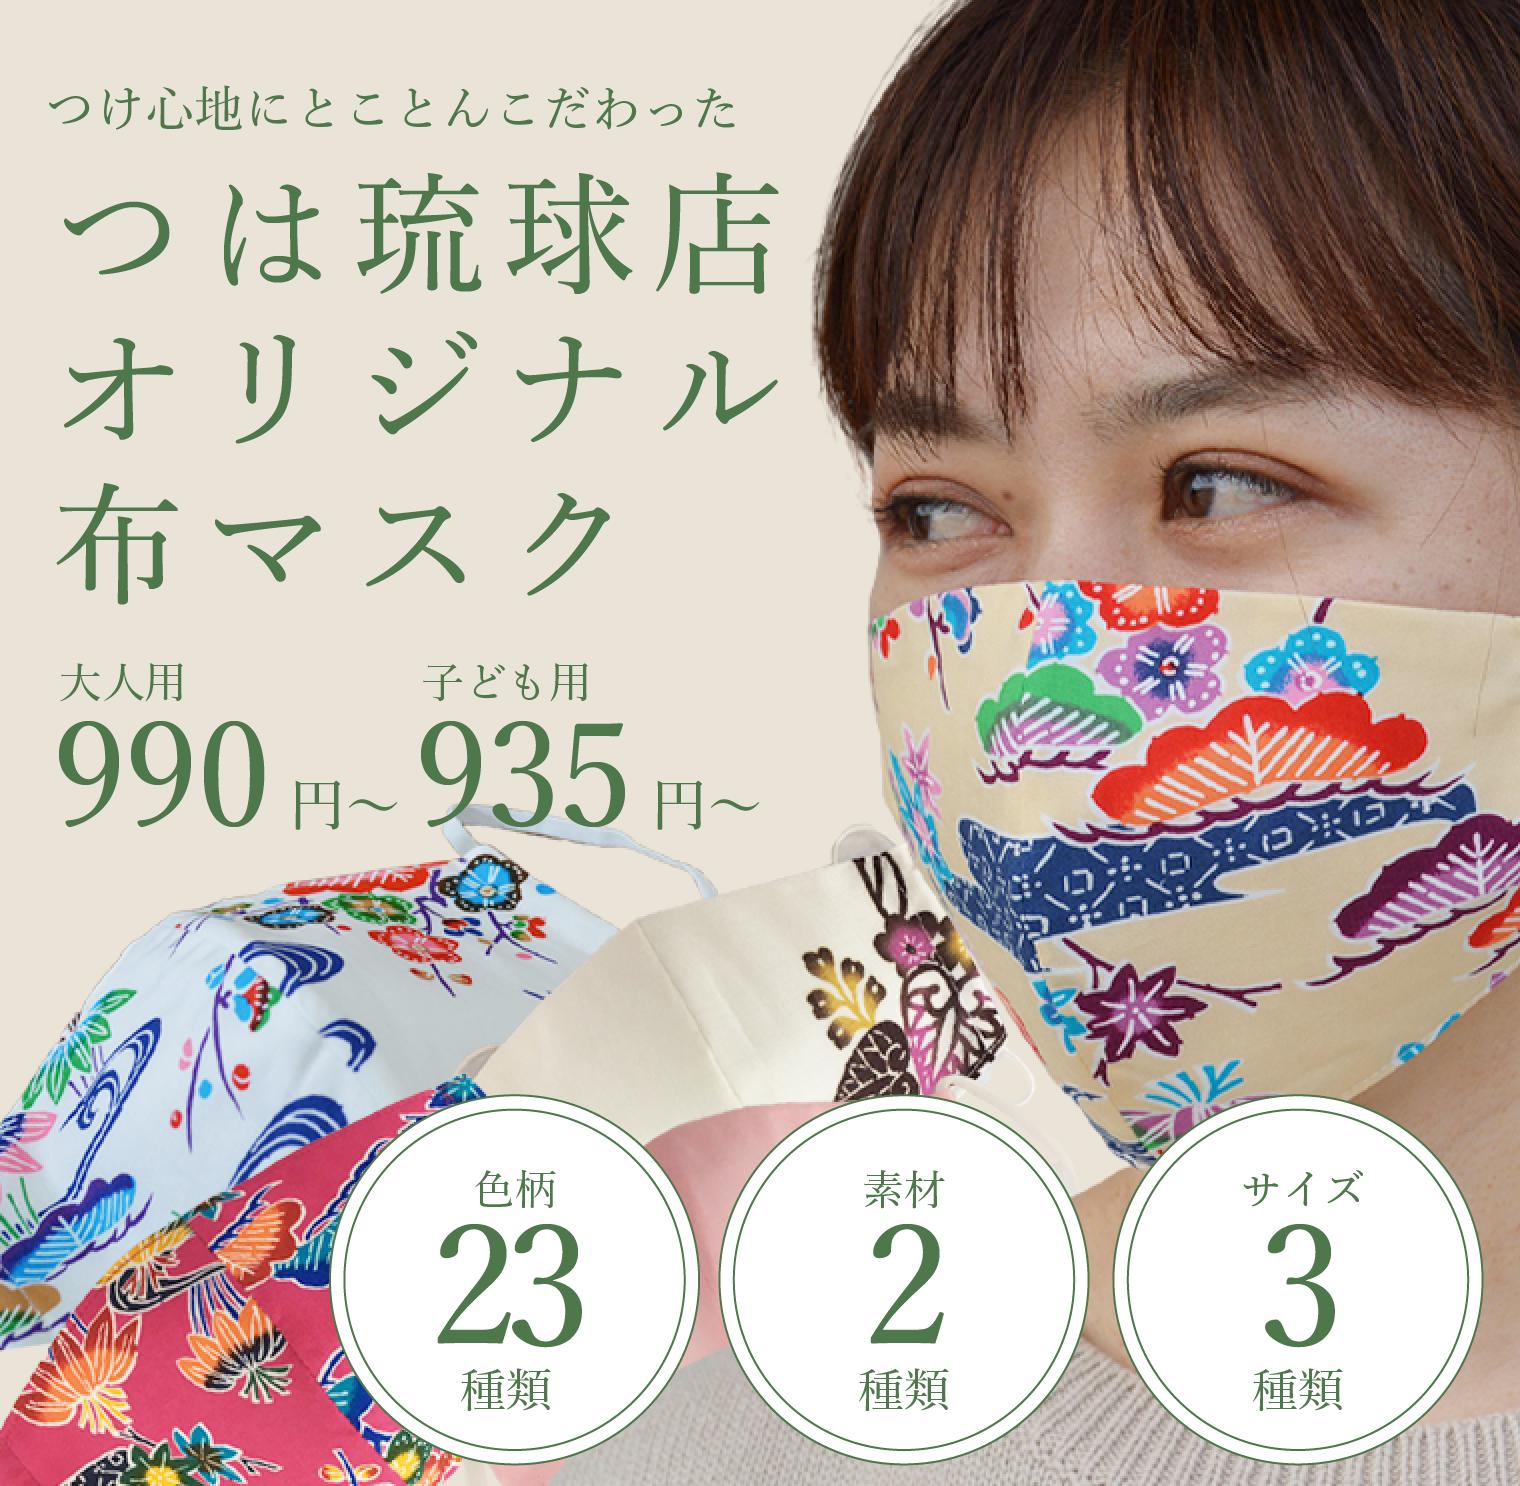 つけ心地にとことんこだわった つは琉球店オリジナル布マスク